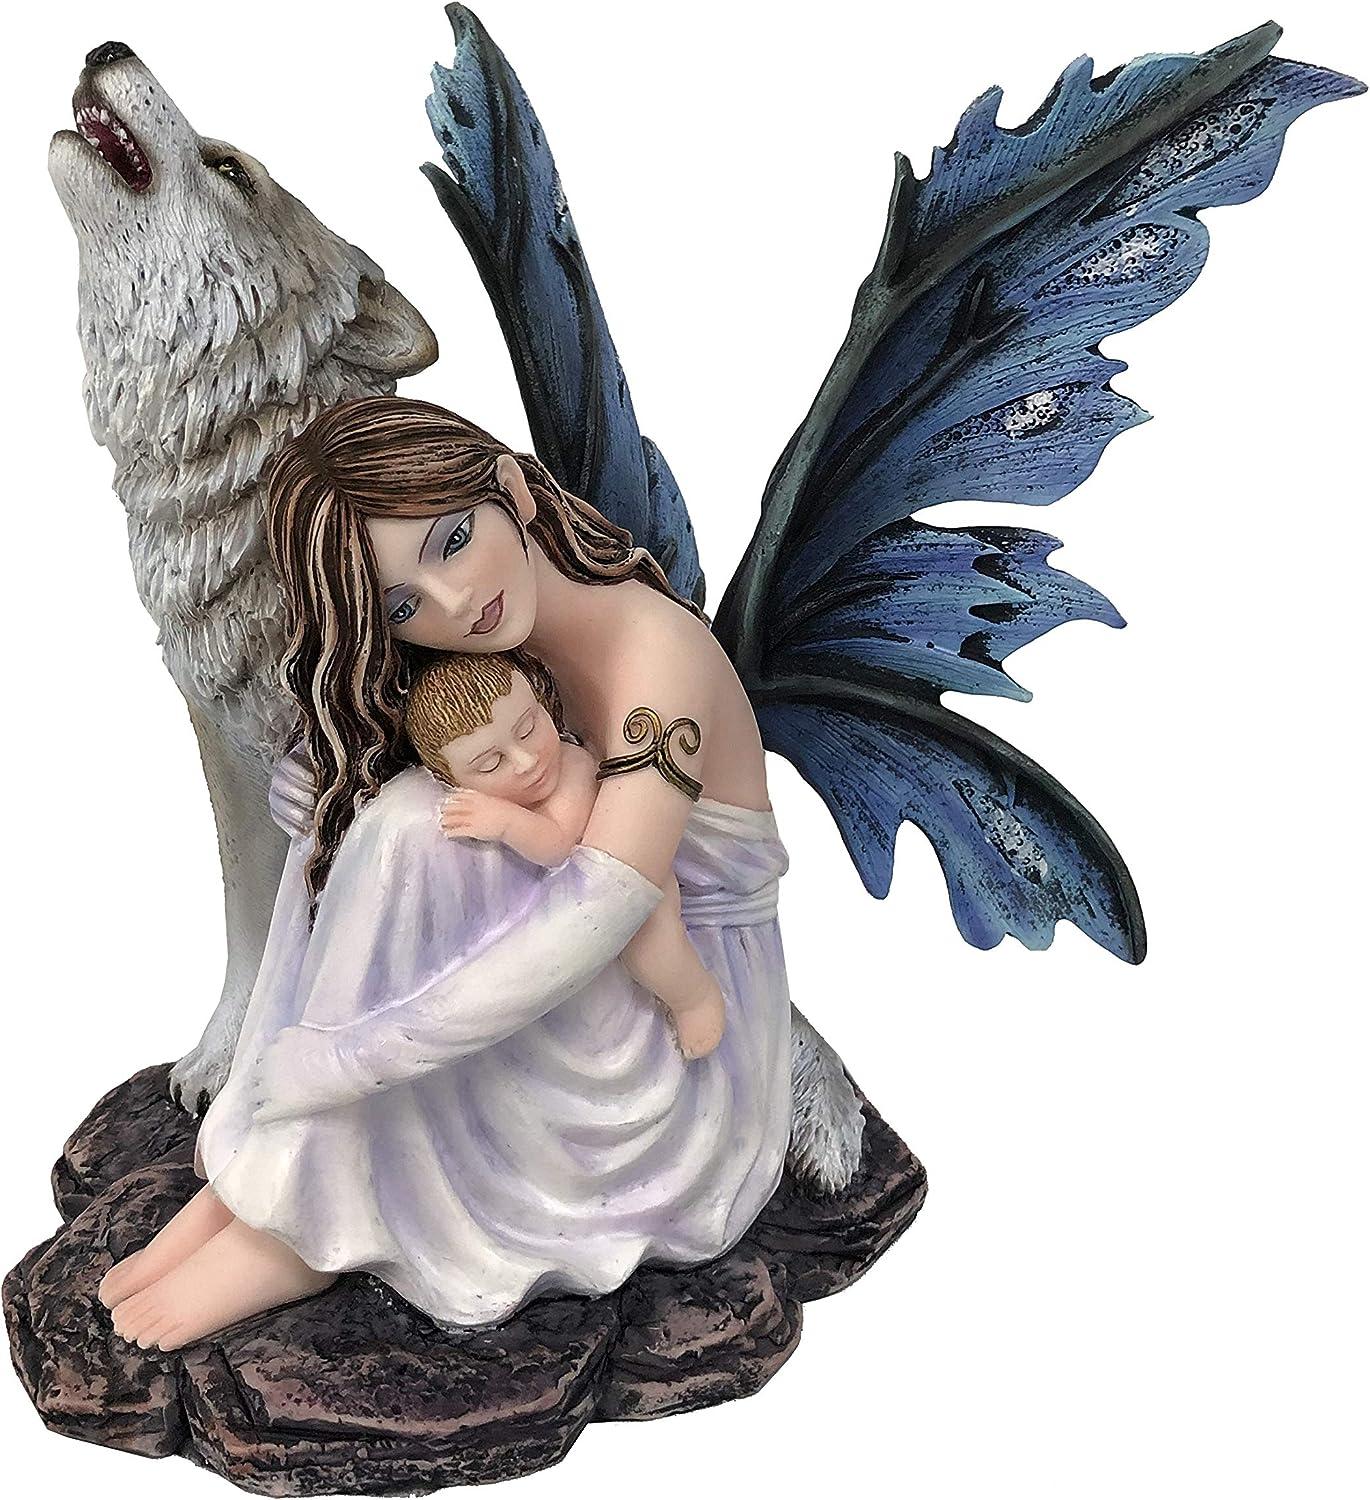 18cm Les Alpes Orig 042 778 Orig Magic Mama Collection Fata Mary con Baby e Lupo Figura Statuina Dipinta a Mano